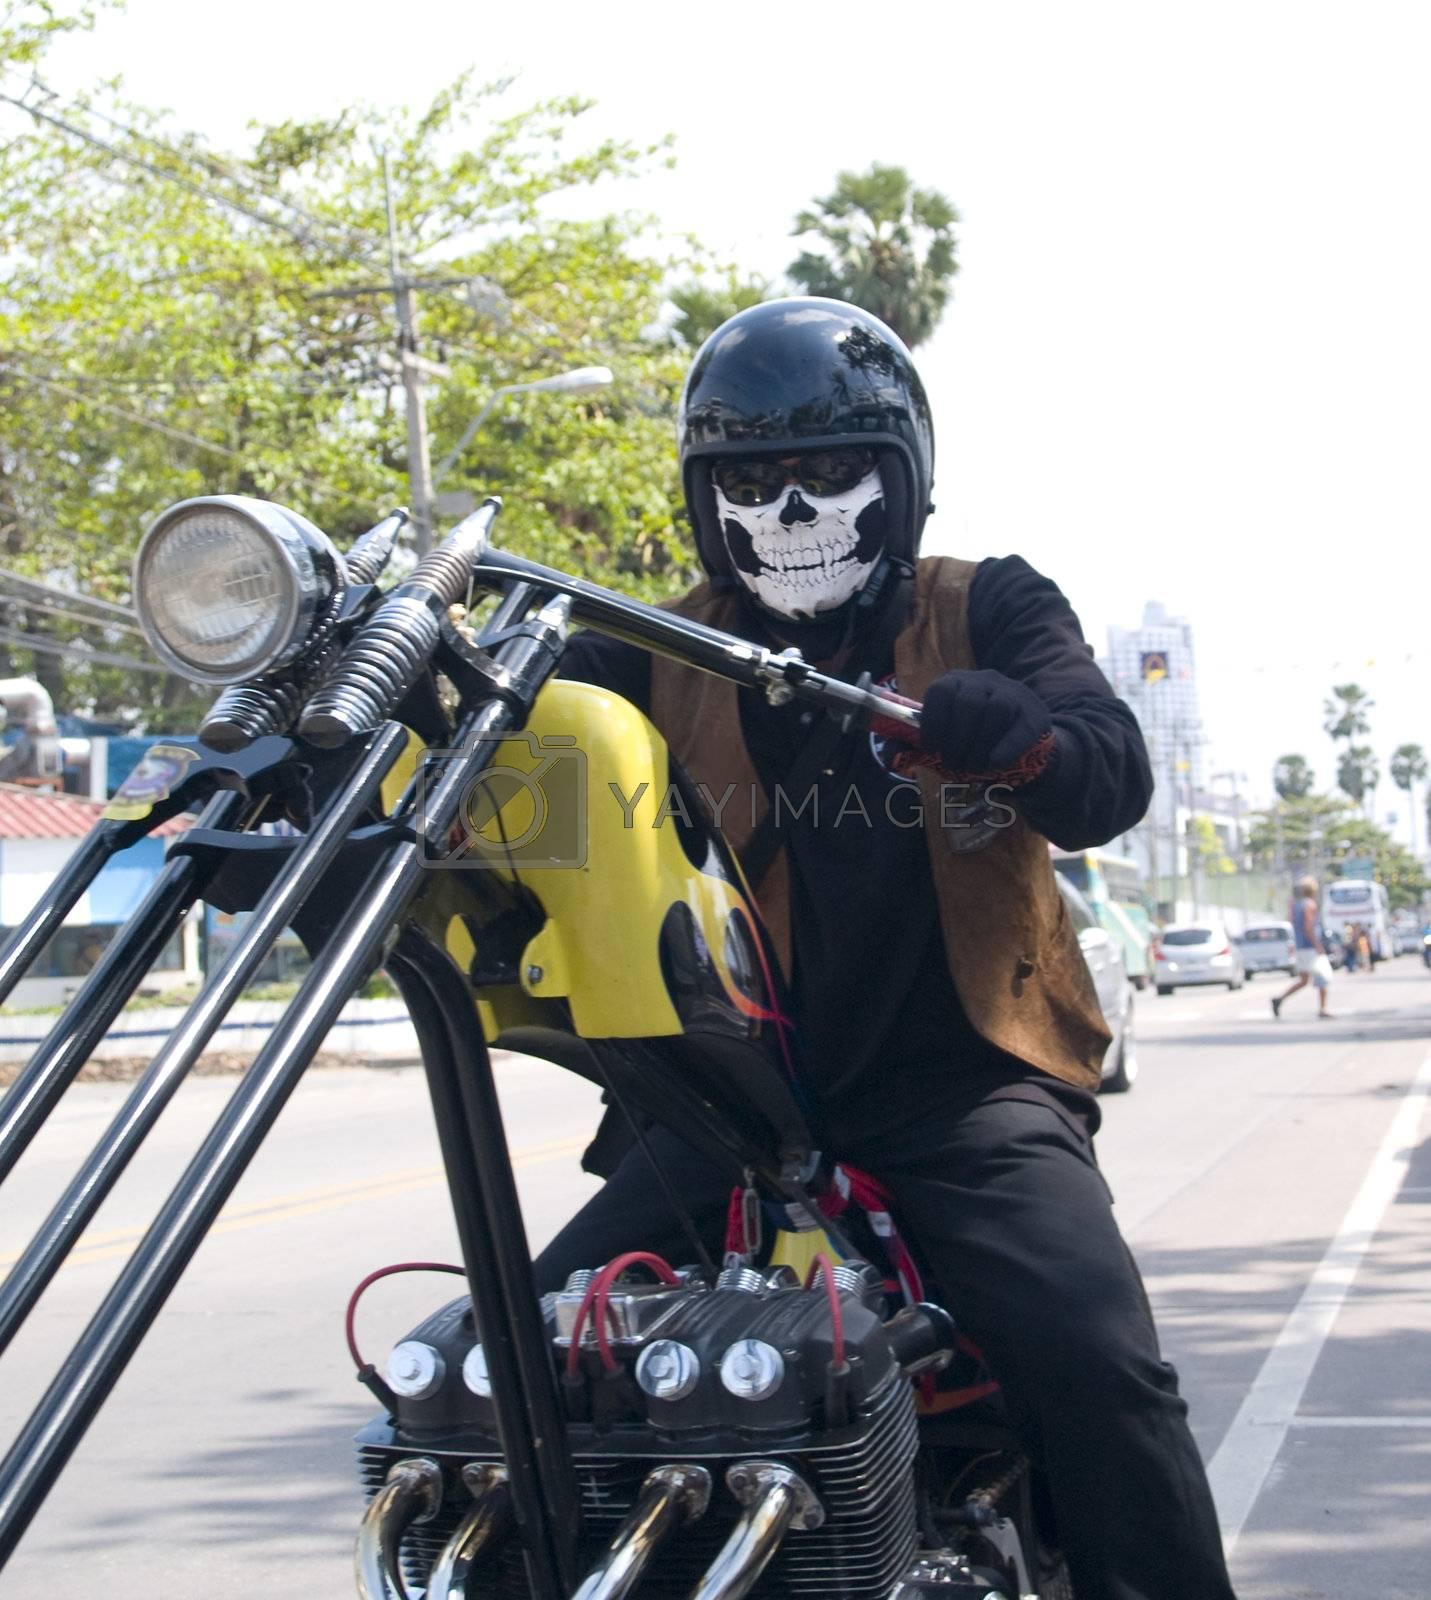 Scary biker by epixx